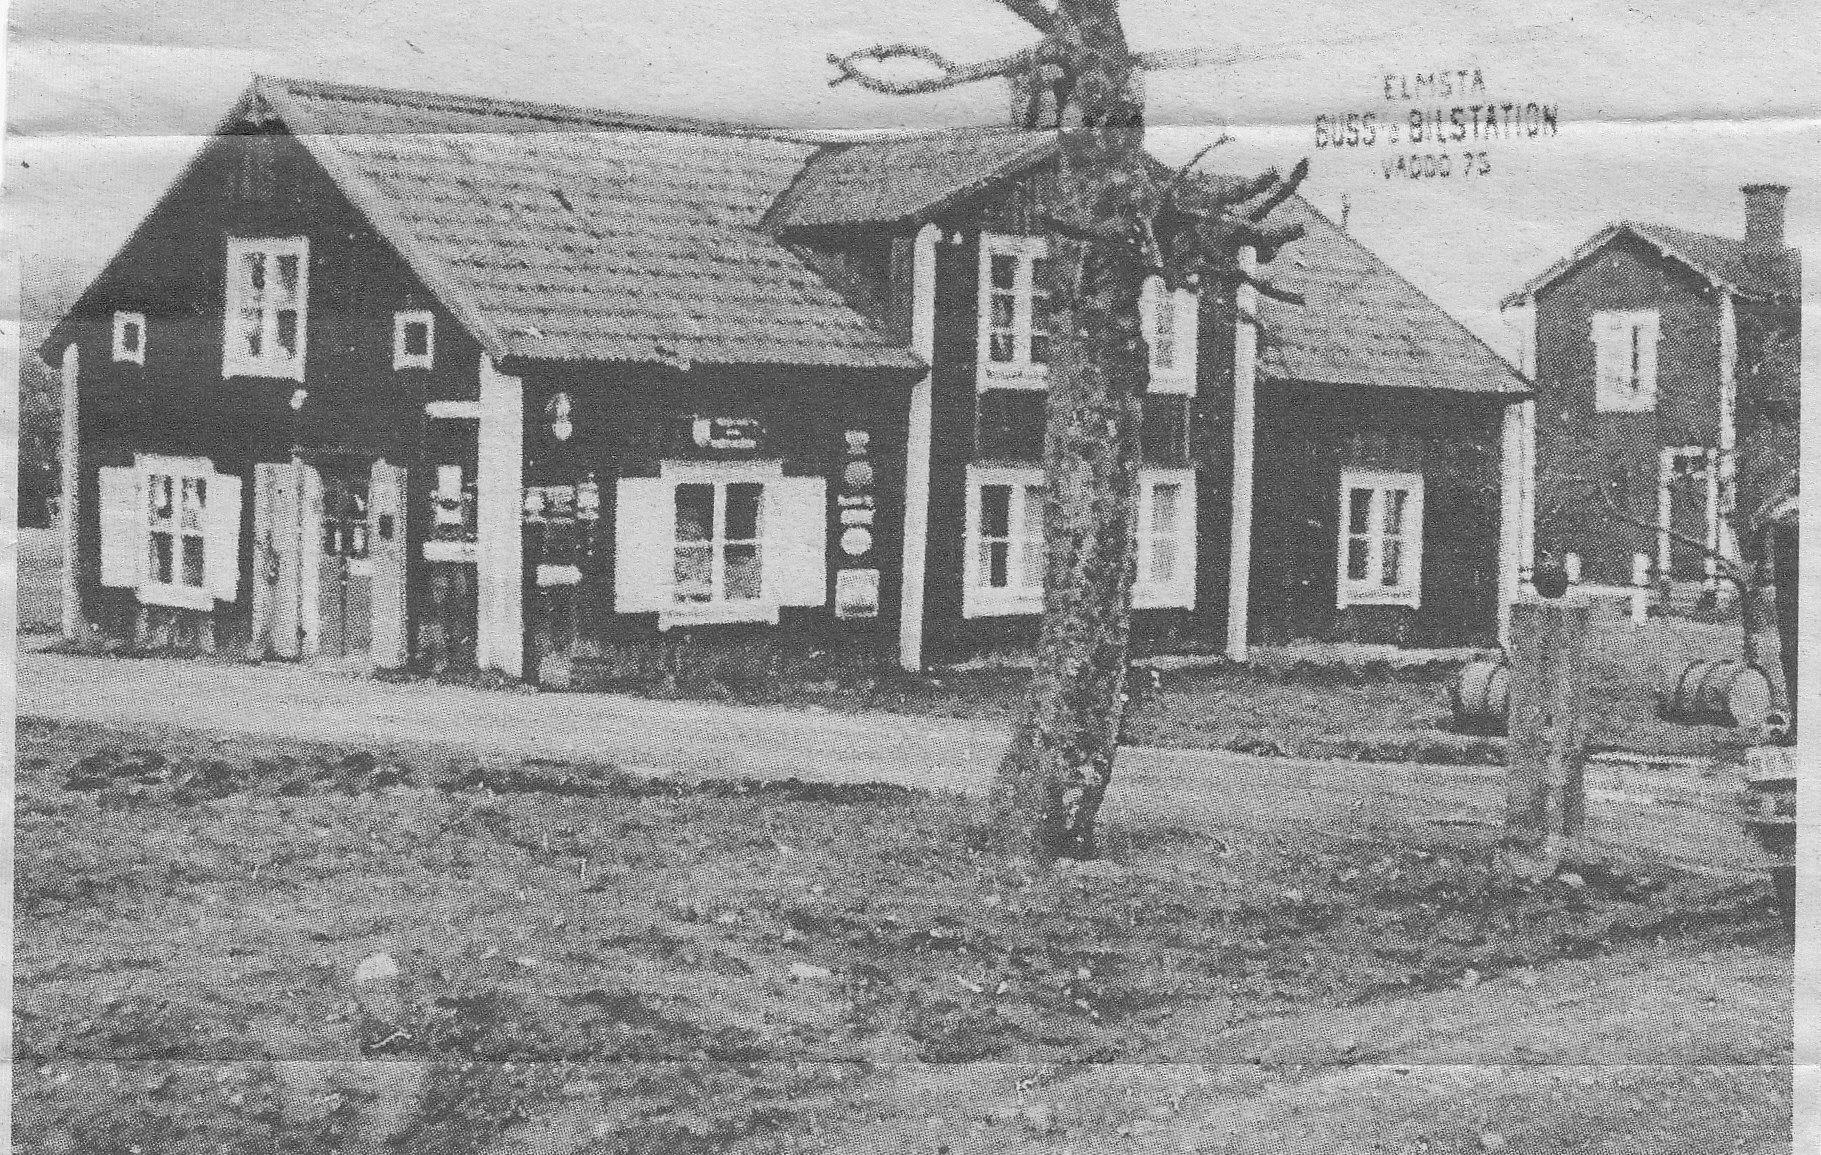 Magnus Erikssons specialaffär i Elmsta. Innan 1935. Byggnaden jämnades med marken och ersattes med en liten busstation med väntrum, kontor och ett lager för gods. Bild ur Norrtälje tidning.